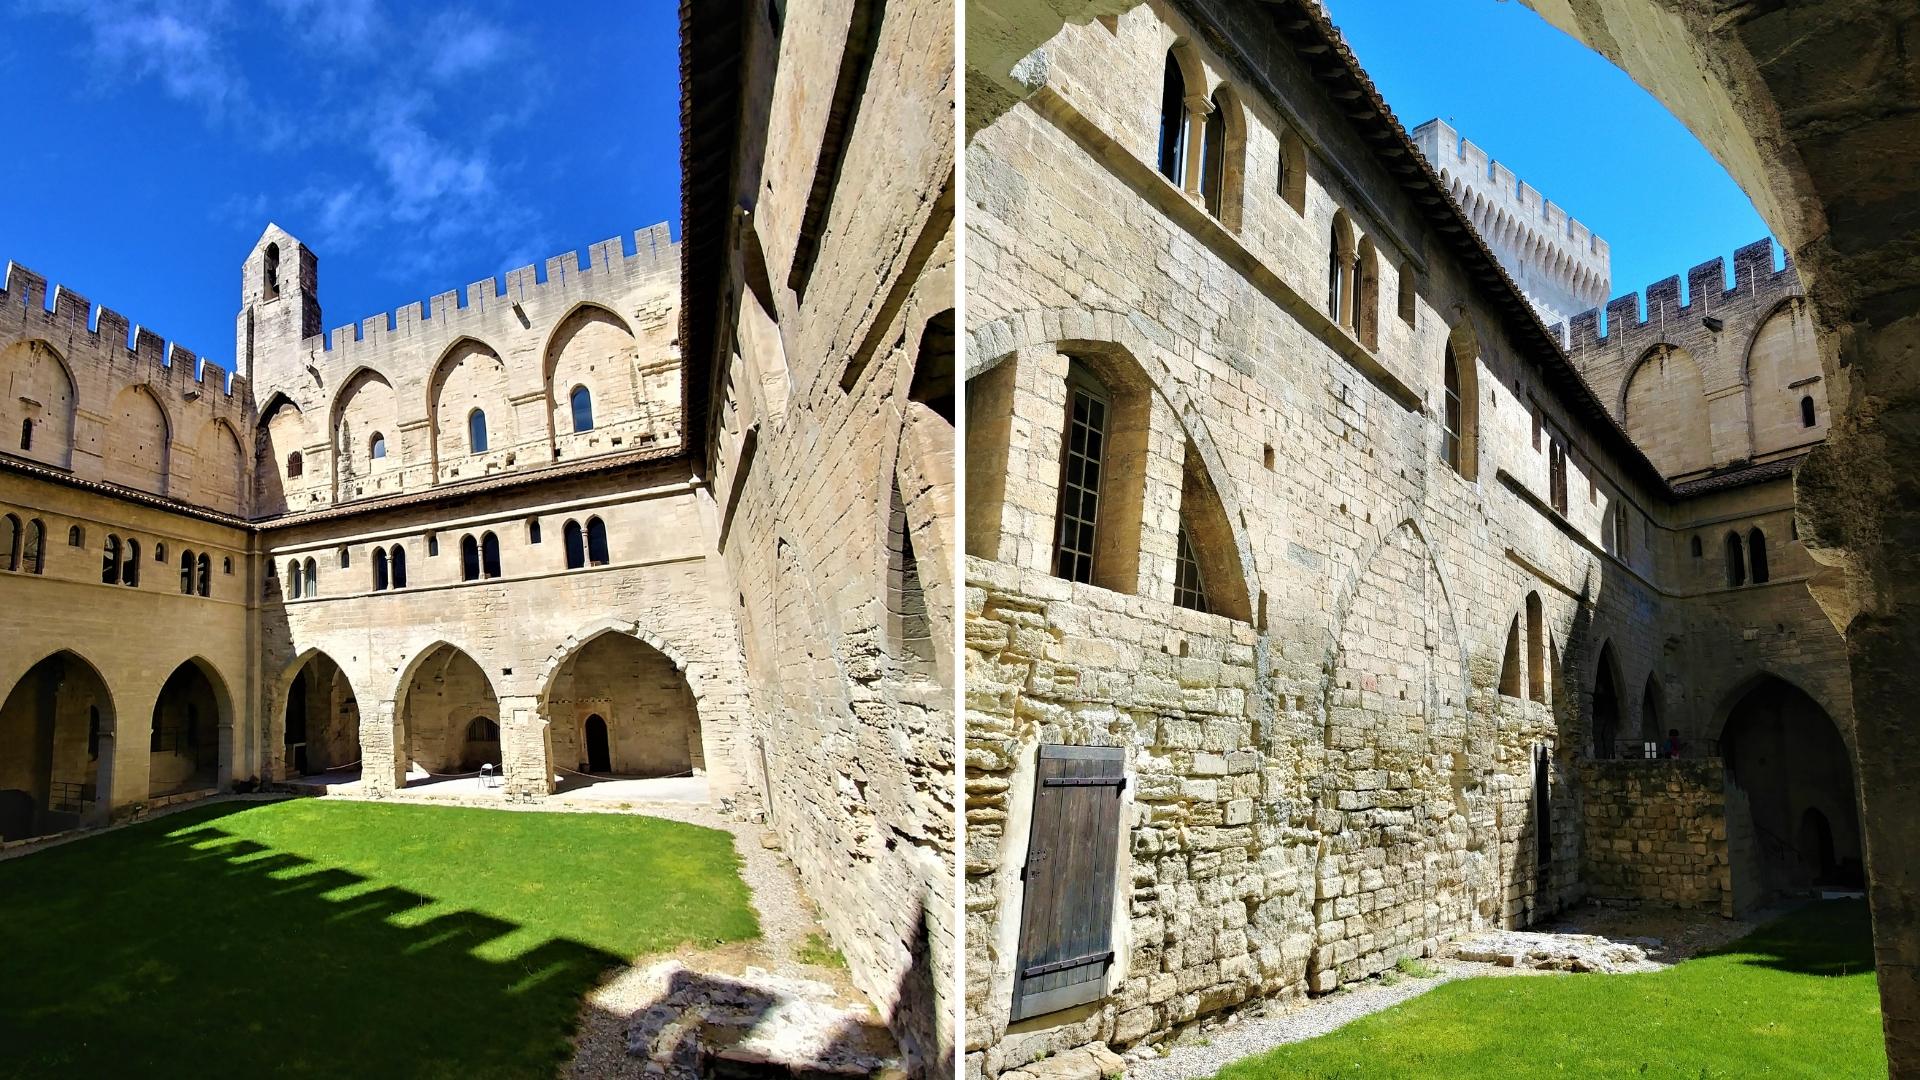 interieur palais papes visite avignon provence blog voyage france arpenter le chemin